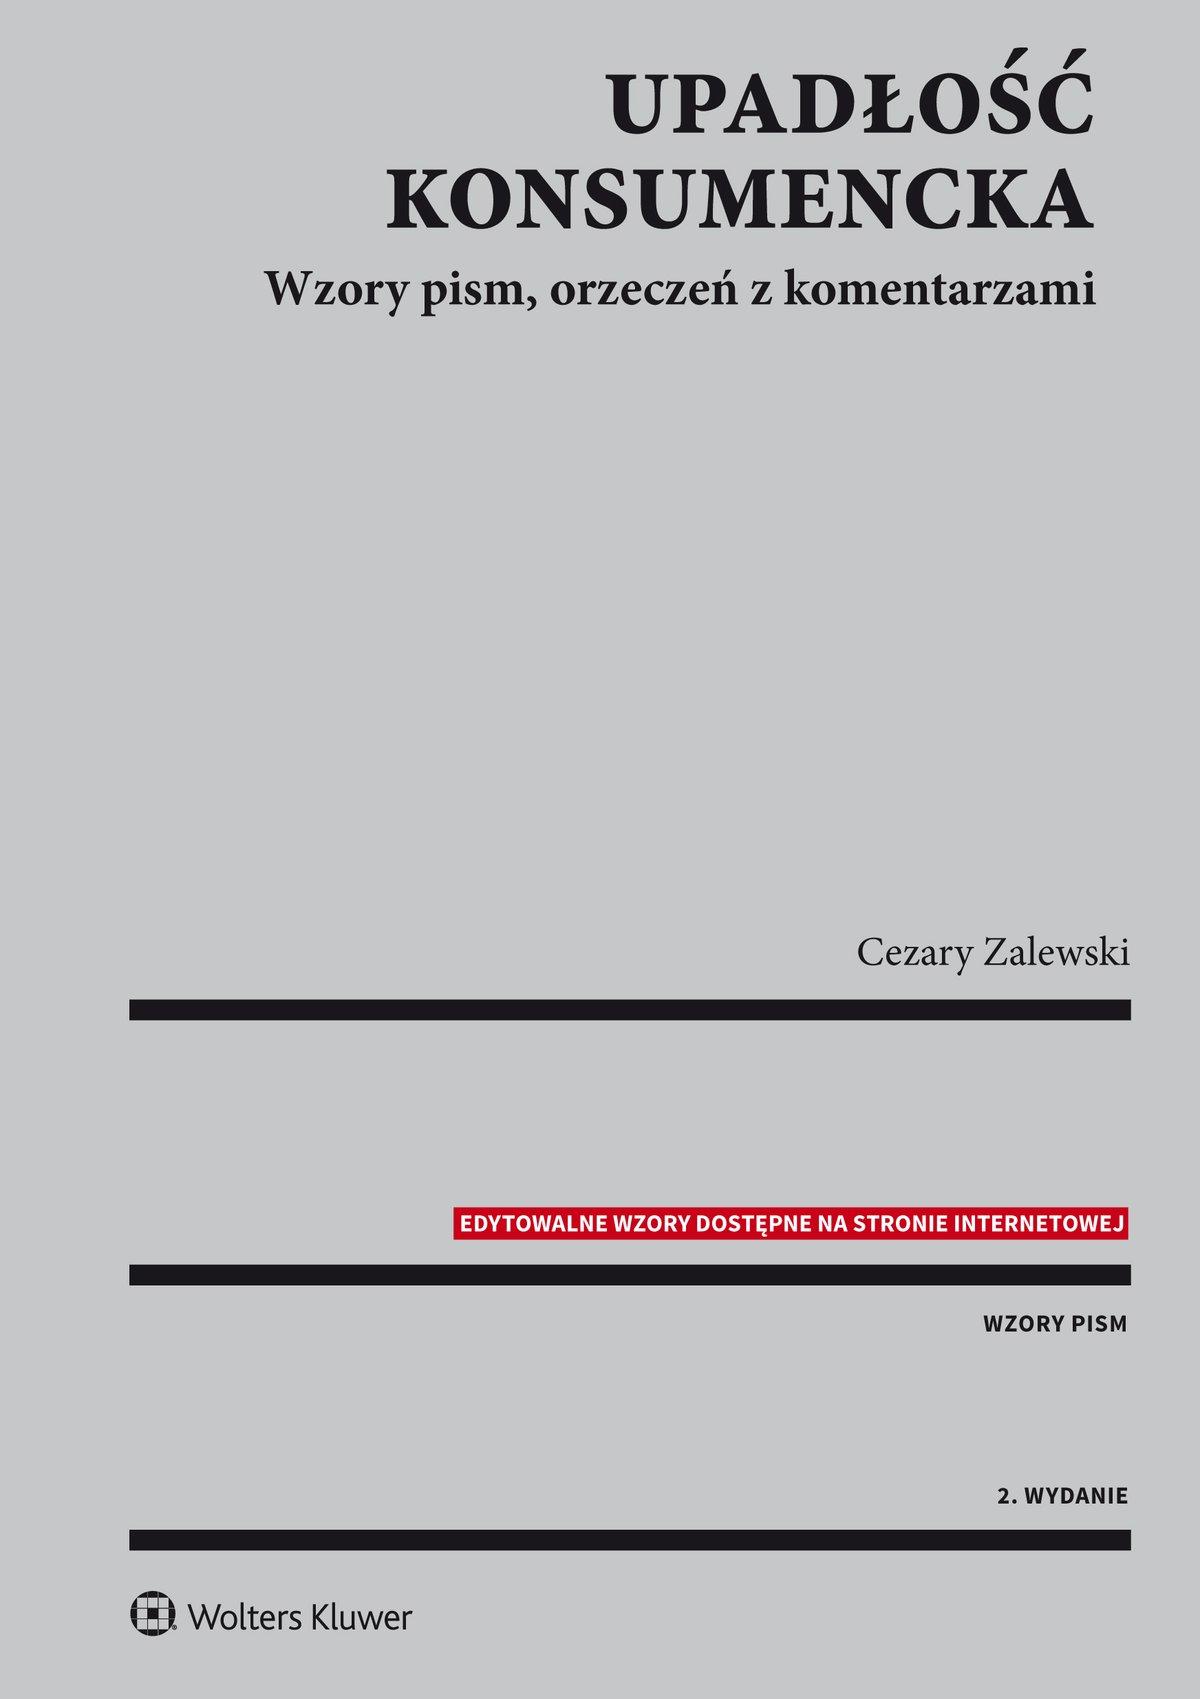 Upadłość konsumencka. Wzory pism, orzeczeń z komentarzami - Ebook (Książka PDF) do pobrania w formacie PDF